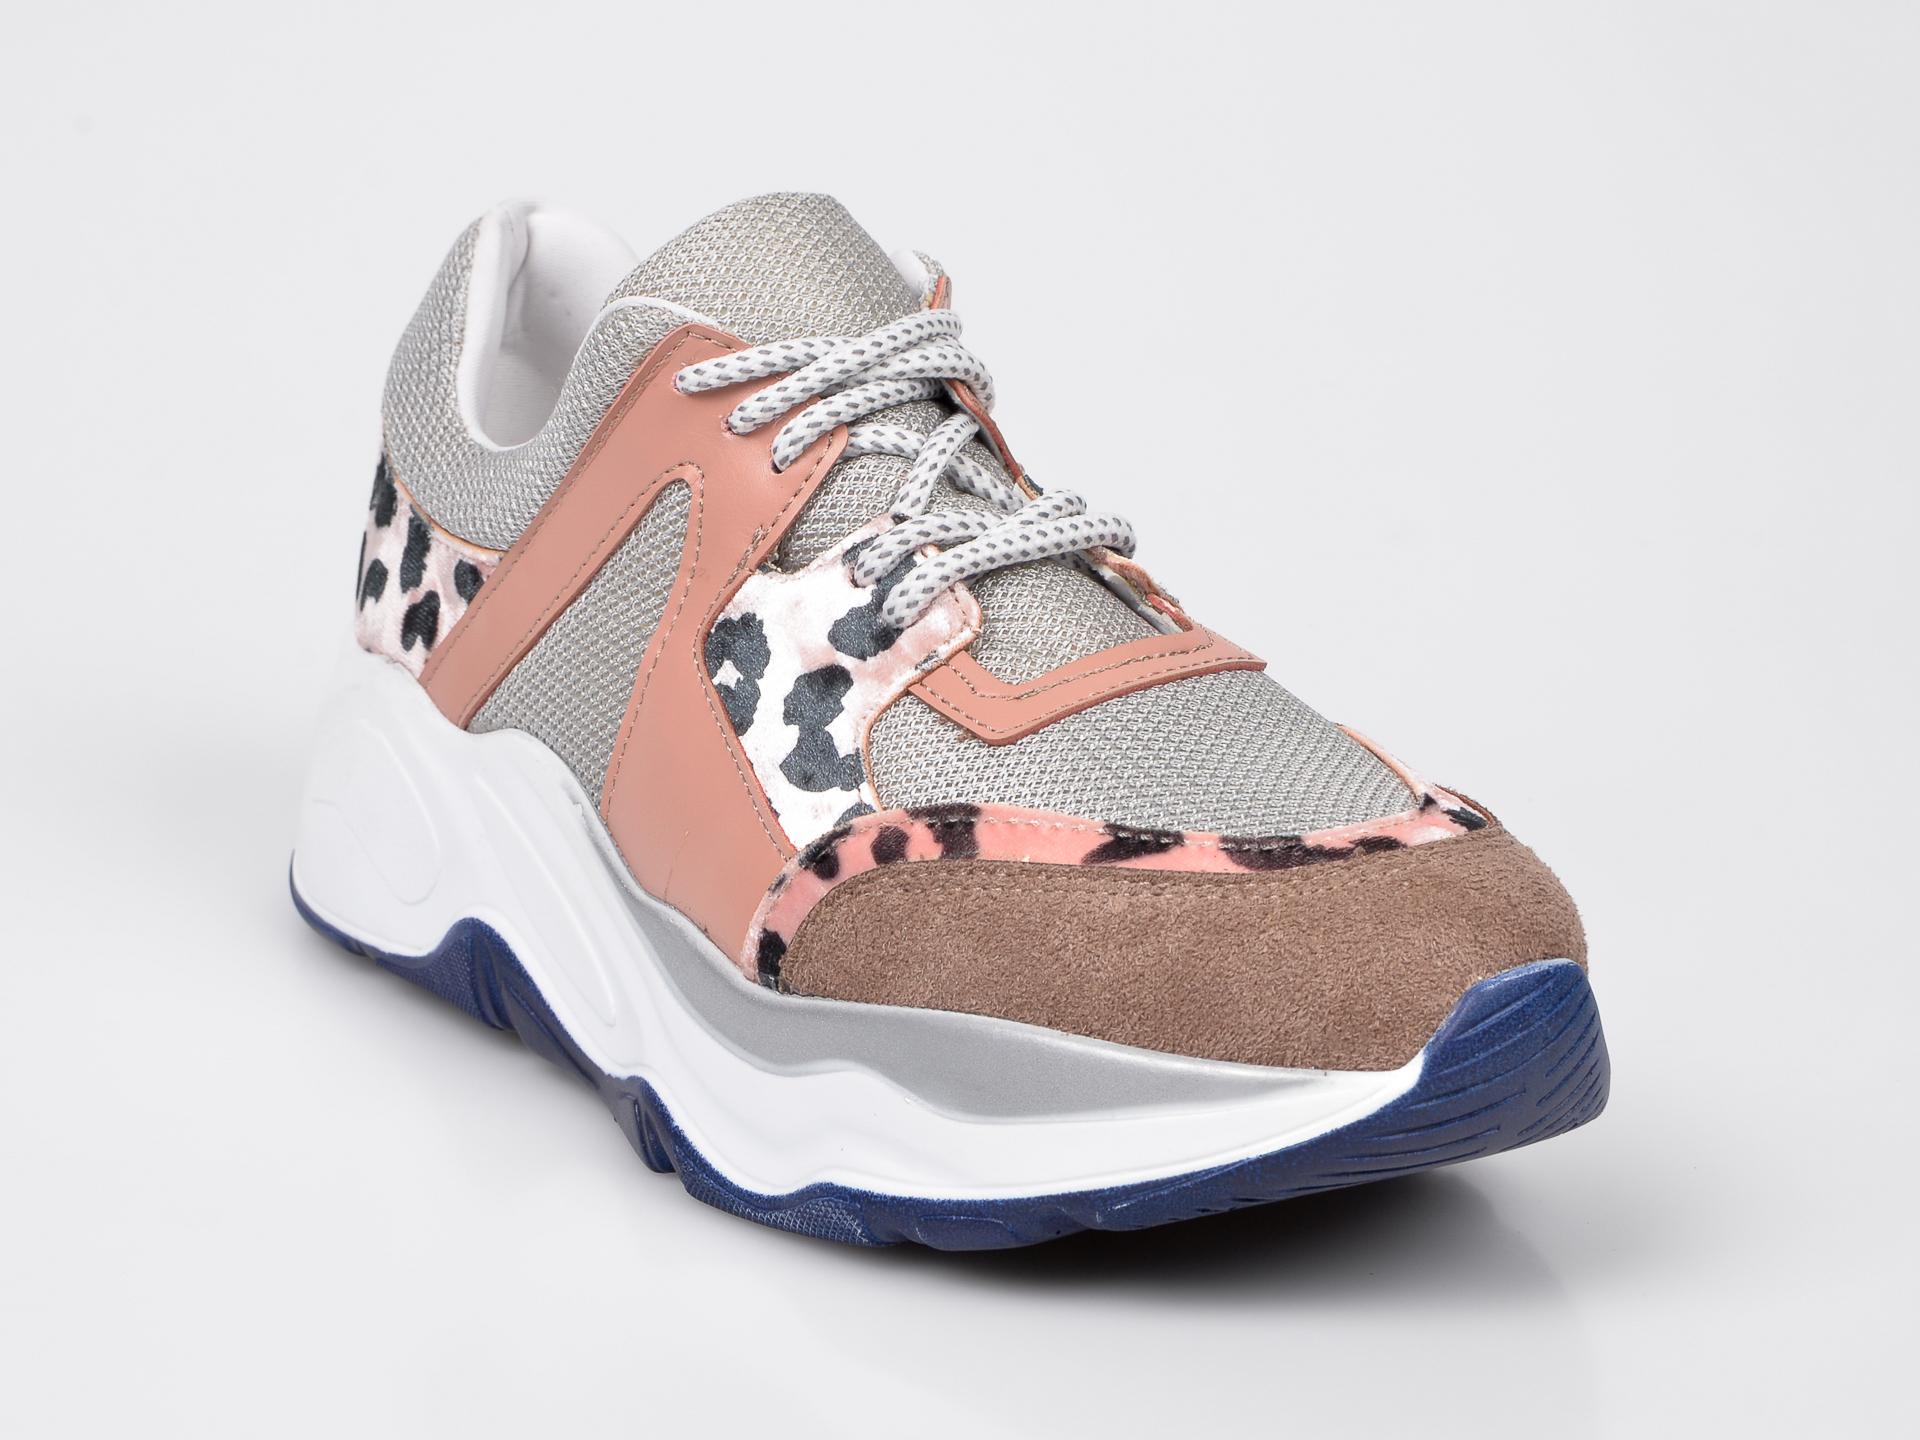 Pantofi 0 verzi, Pantof Dama, din piele ecologica